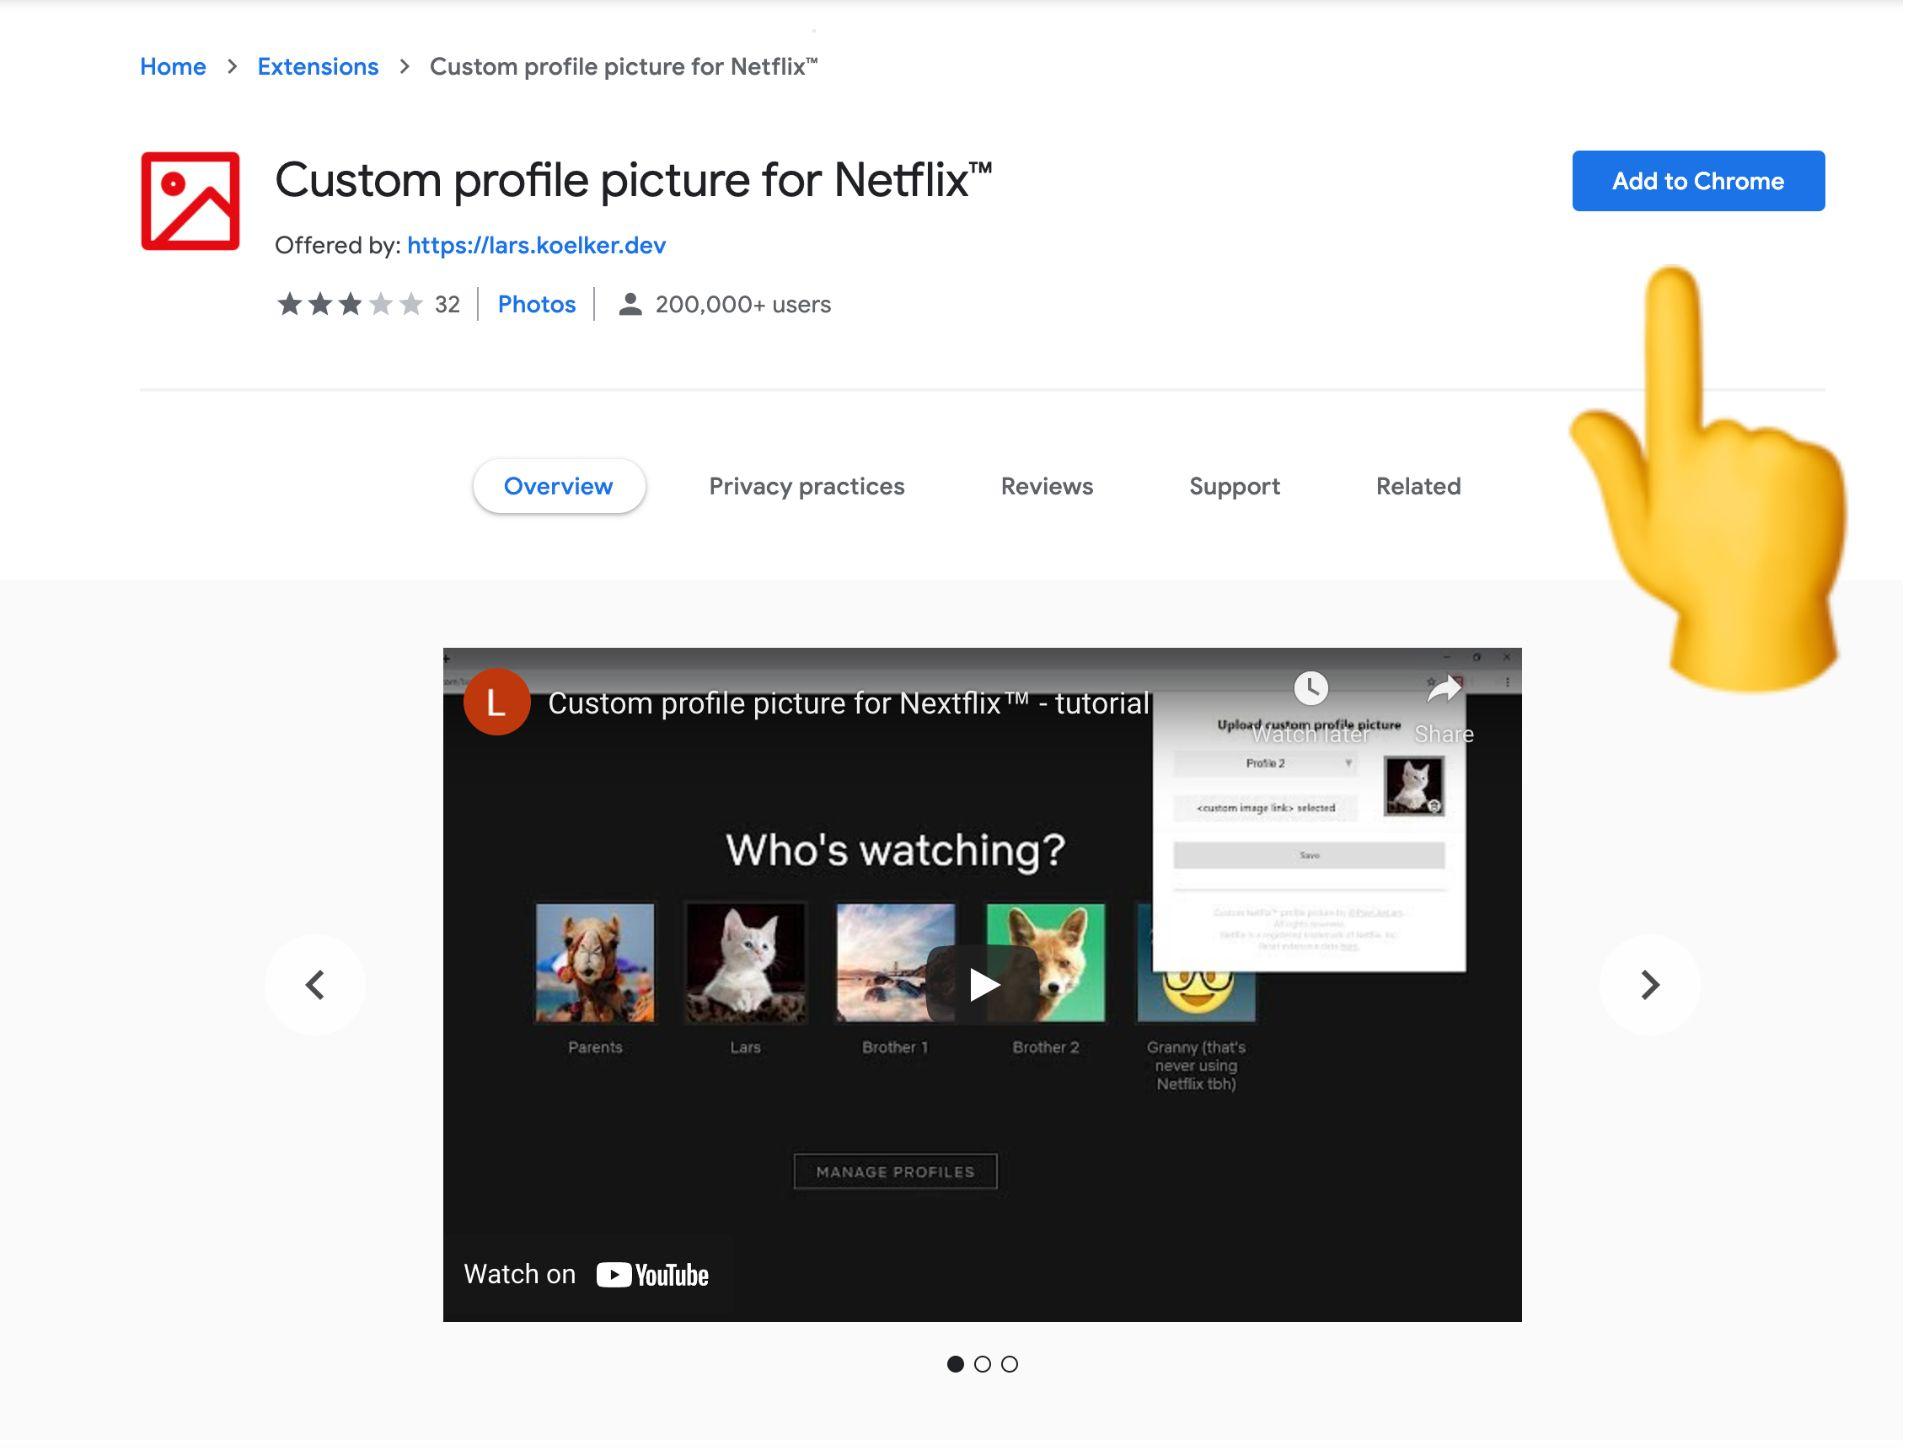 captura de pantalla de la imagen de perfil personalizada para la extensión de Netflix